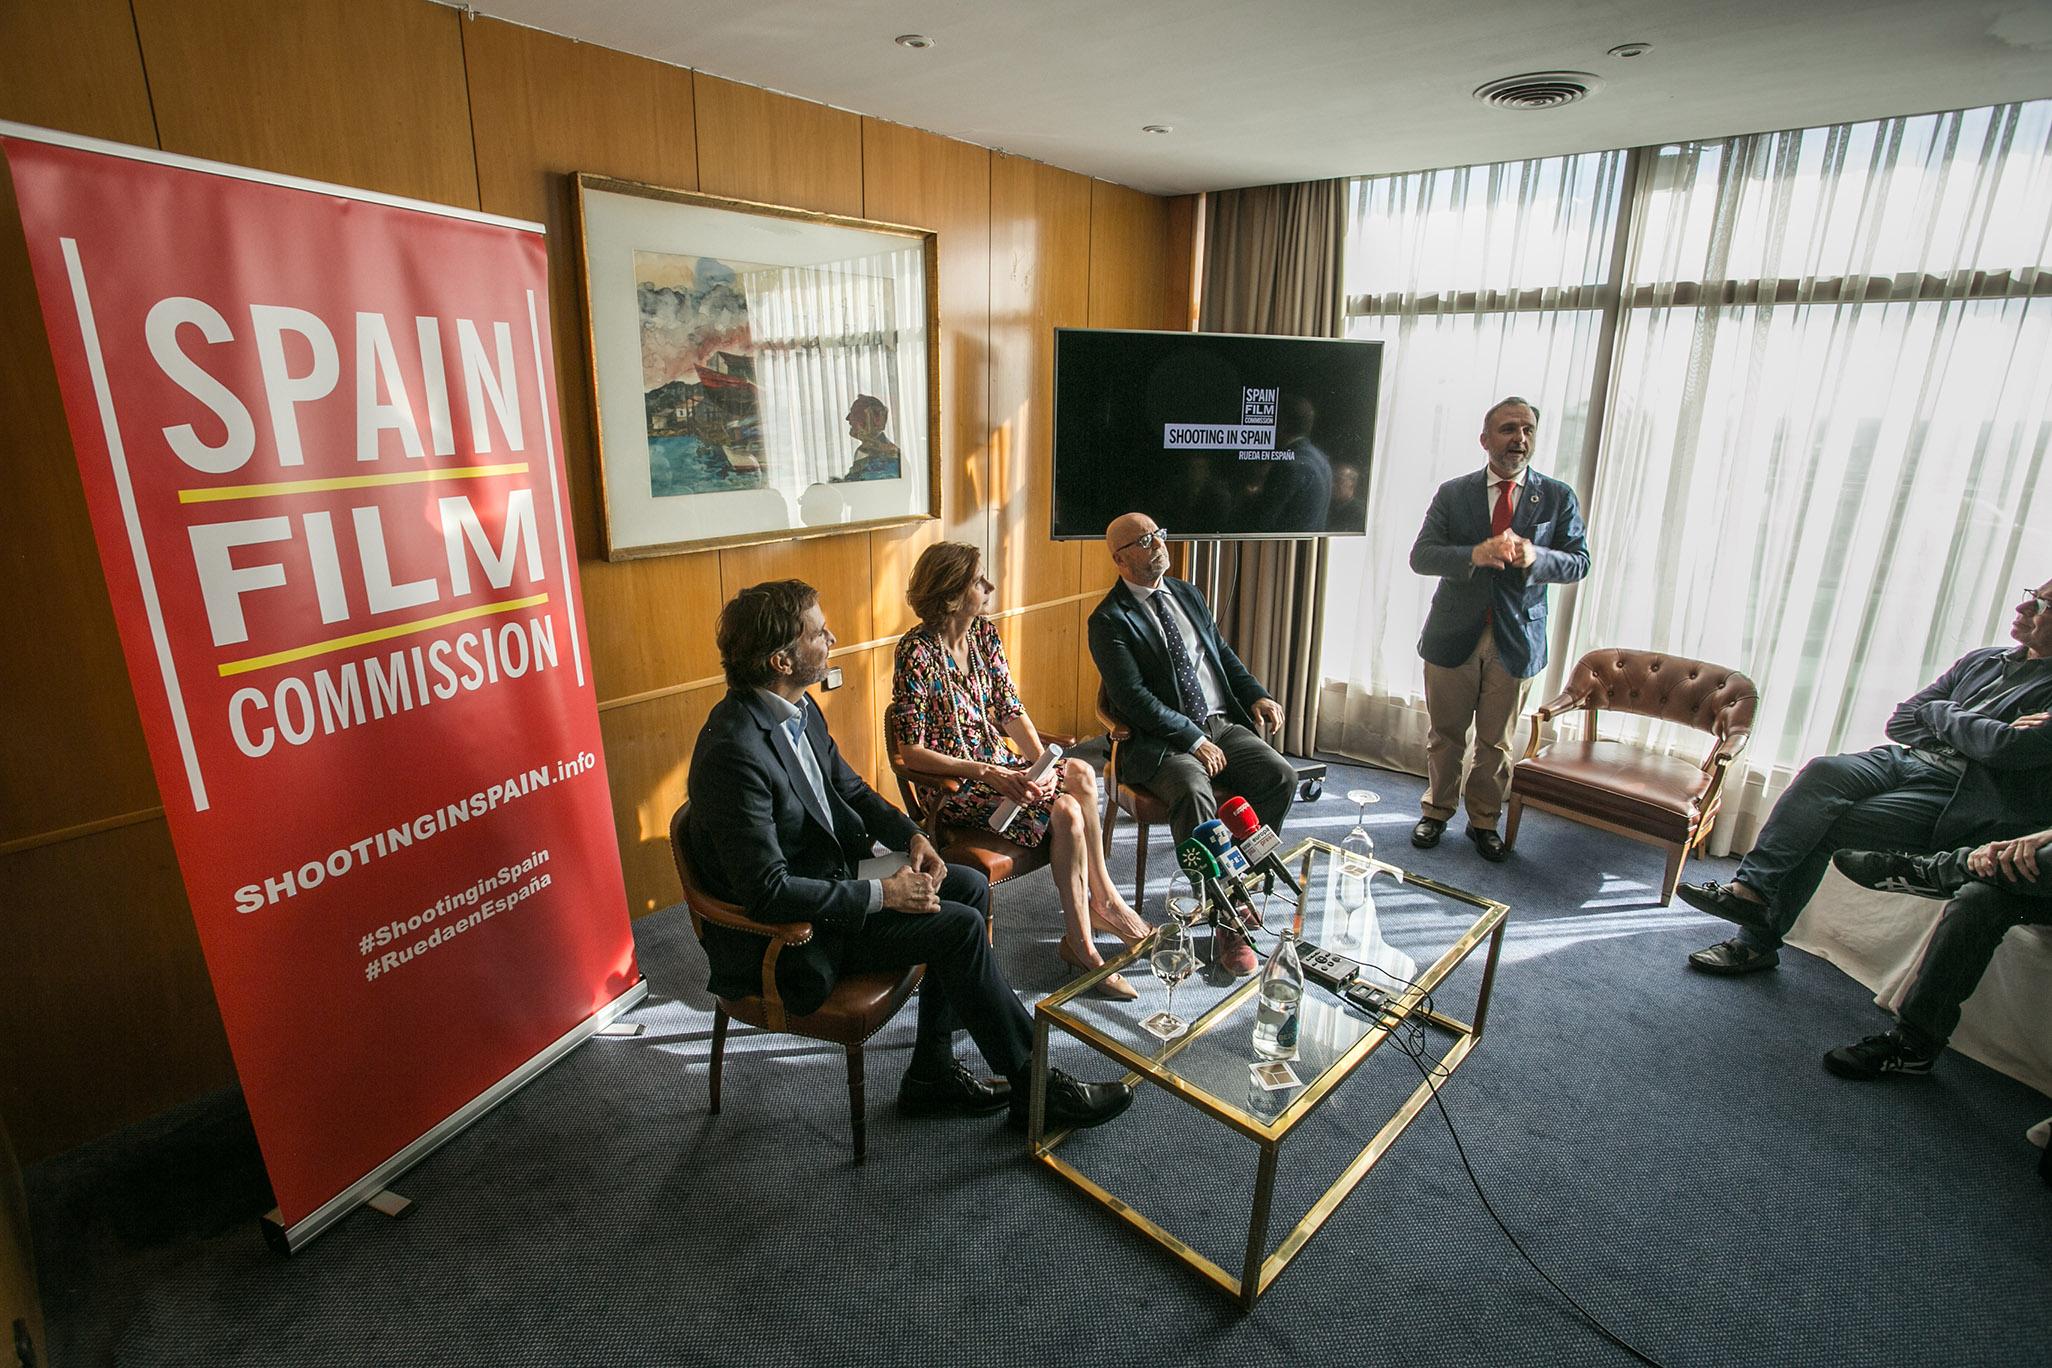 James Costos ha presentado el I Encuentro Shooting in Spain